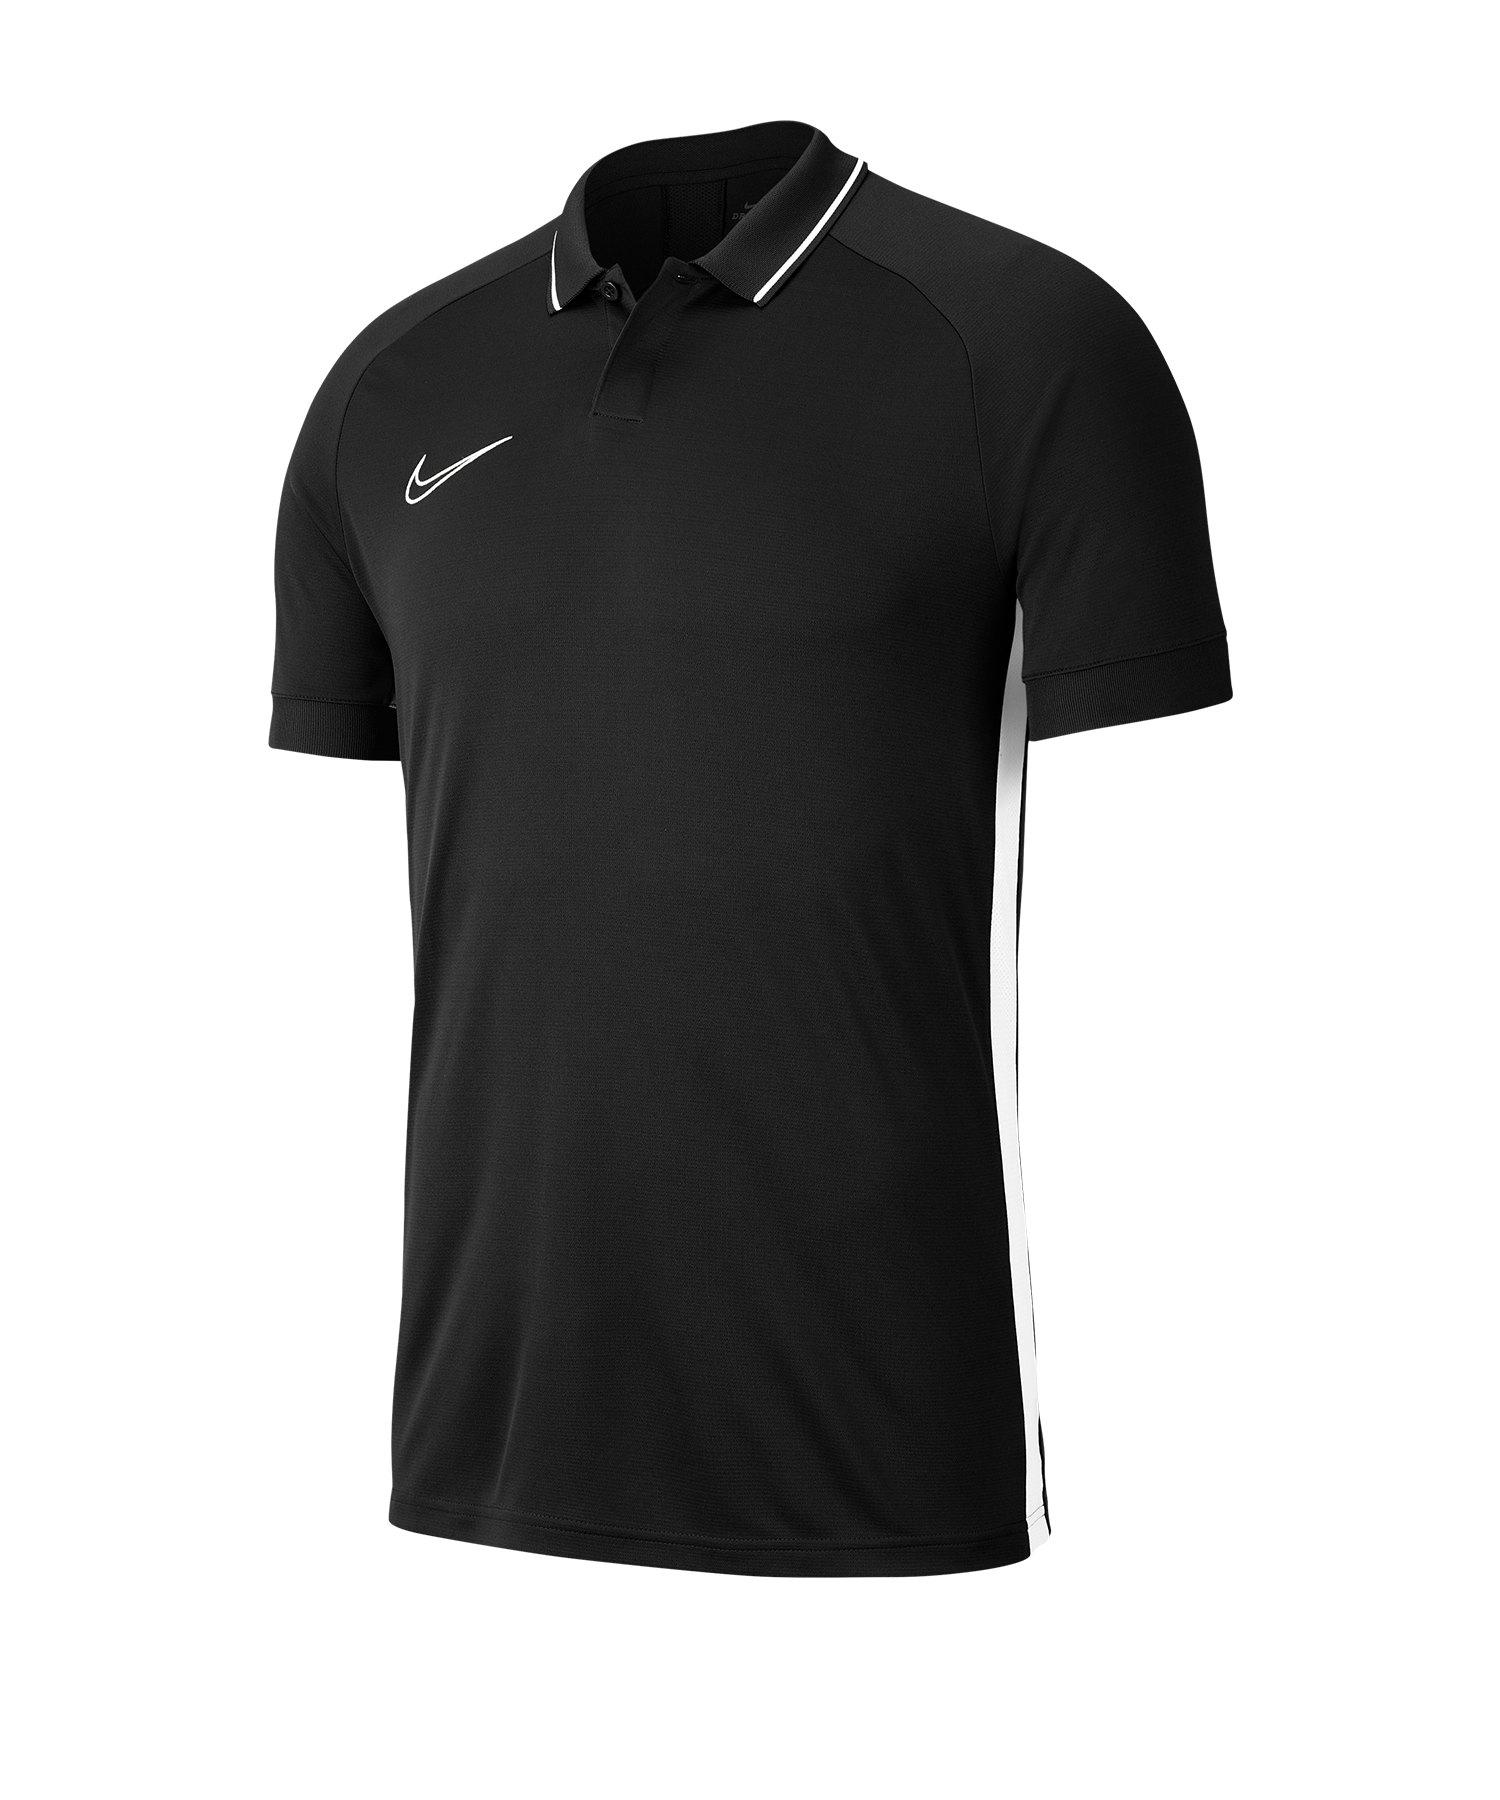 Nike Academy 19 Poloshirt Schwarz Weiss F010 - Schwarz